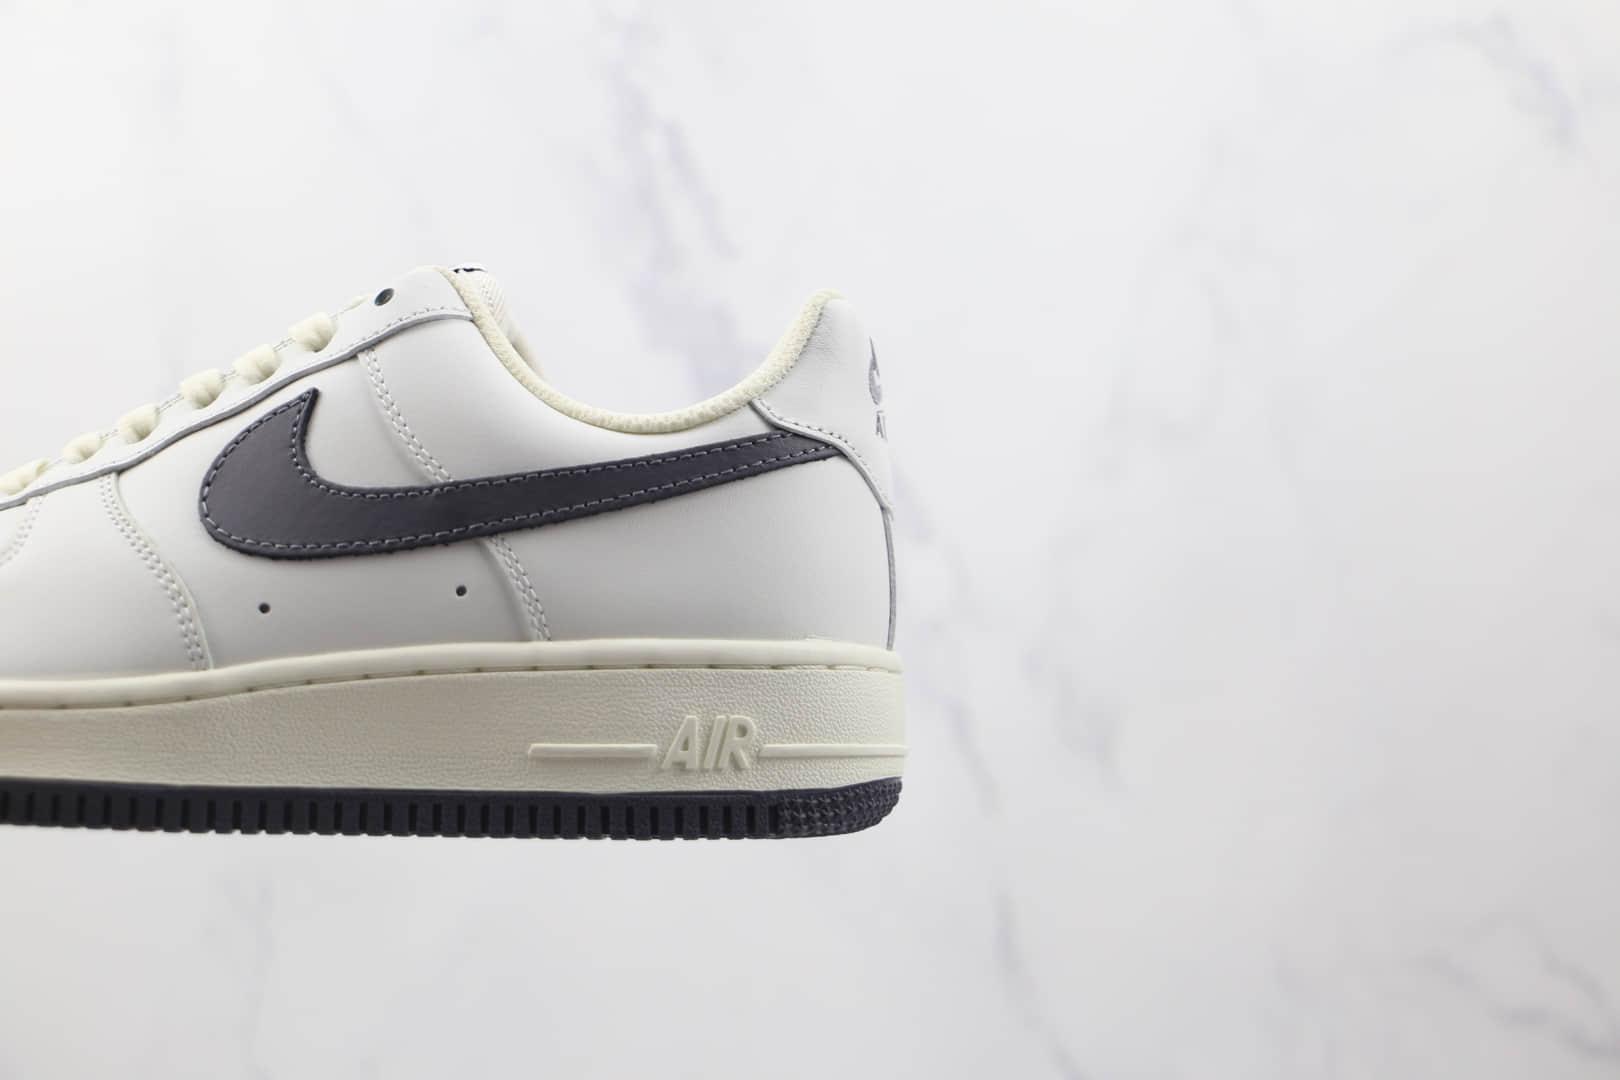 耐克Nike Air Force 1 Low 07纯原版本低帮空军一号奶咖灰色炫彩勾板鞋原楦头纸板打造 货号:DA0099-109